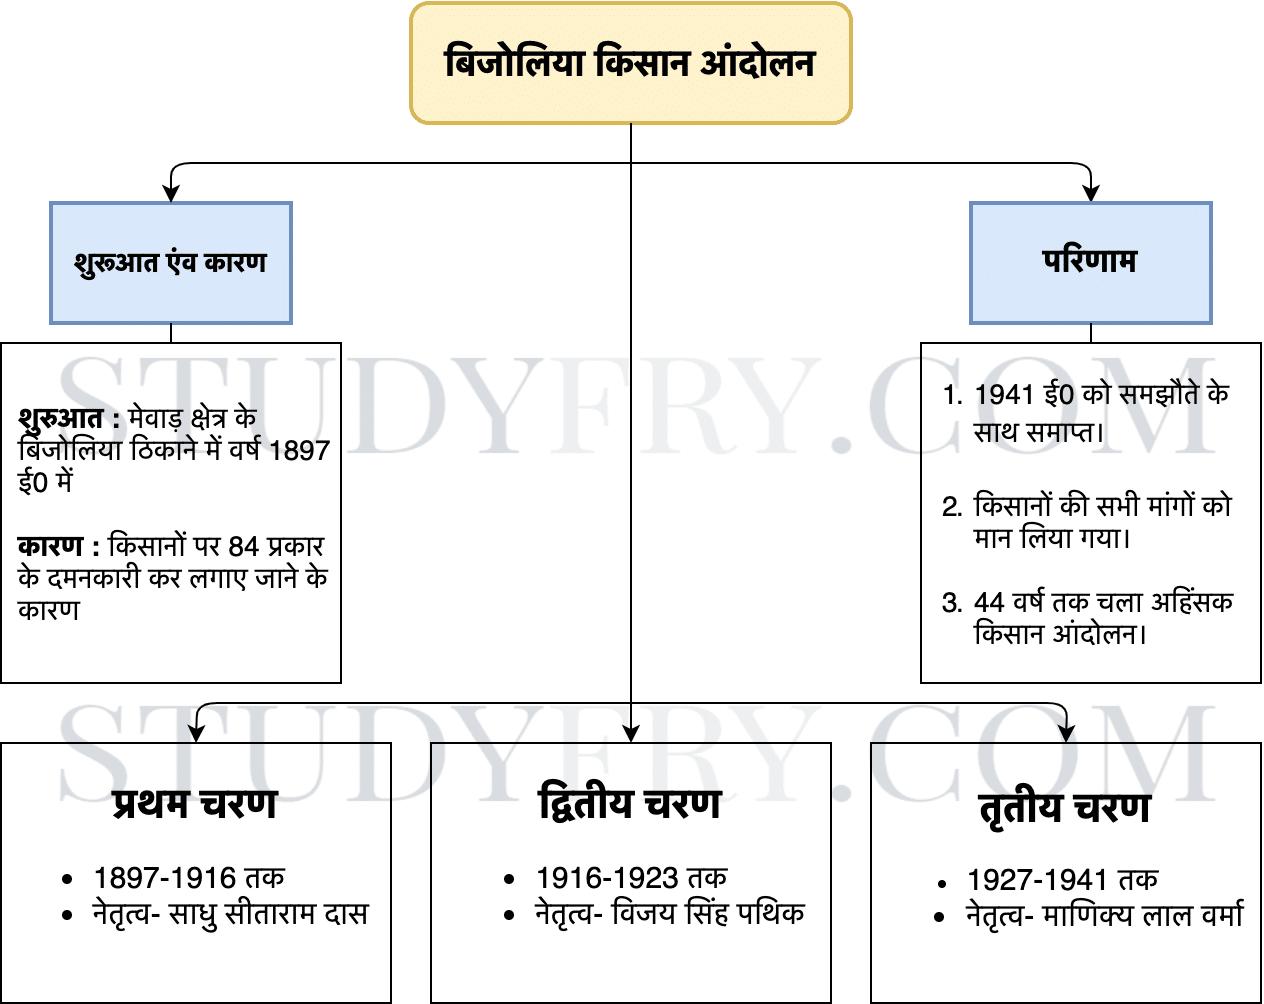 बिजोलिया किसान आंदोलन Diagram